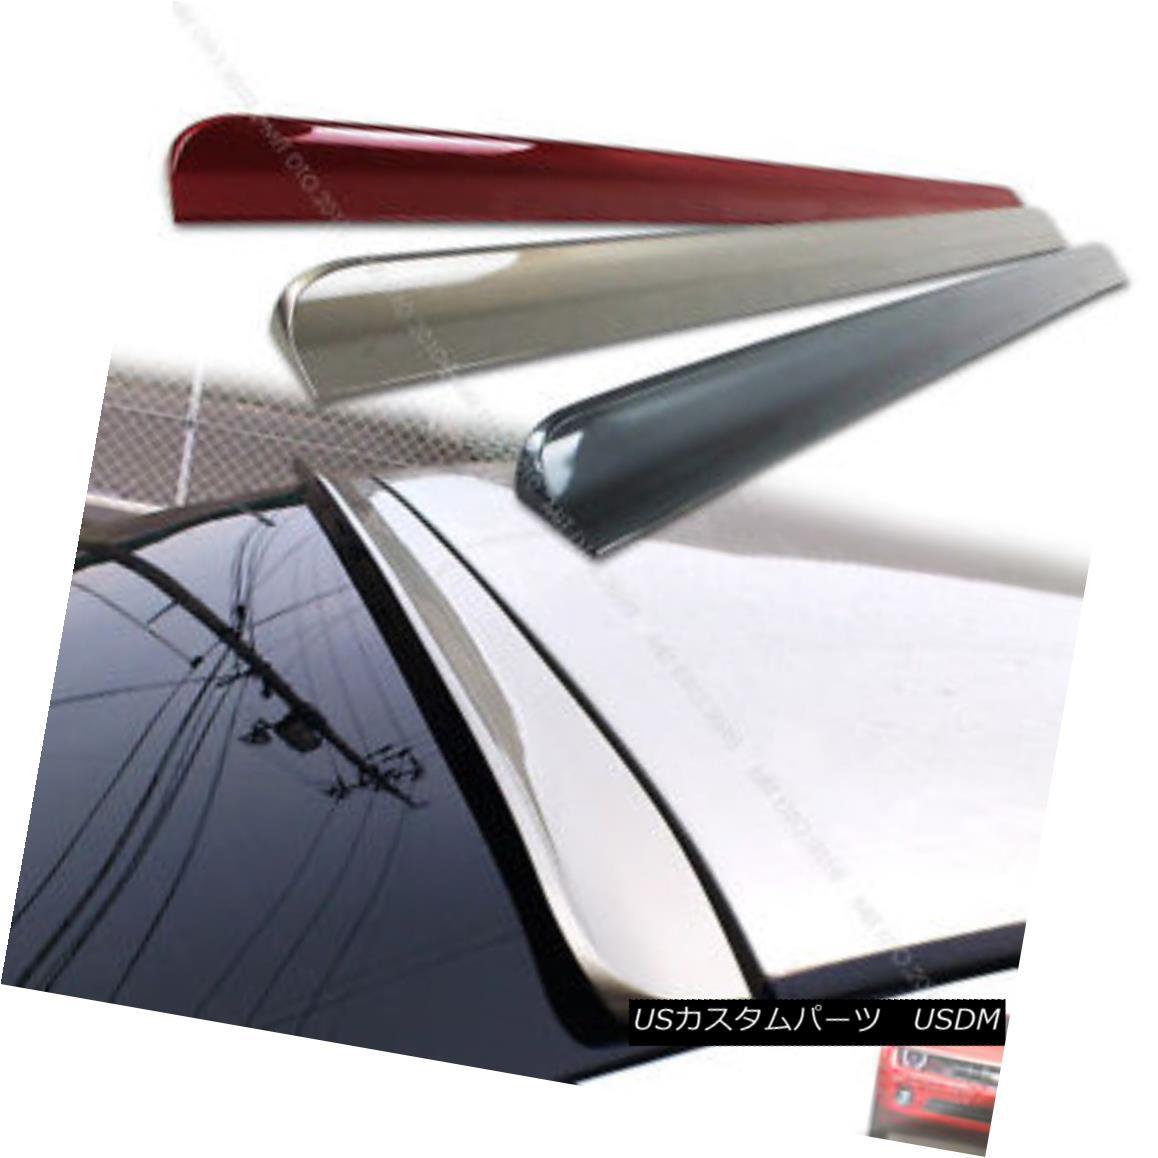 エアロパーツ Painted For Mercedes Benz C204 Coupe Window Rear Lip Spoiler Wing PUF § メルセデスベンツC204クーペウインドリアリップスポイラーウイングPUF Pain